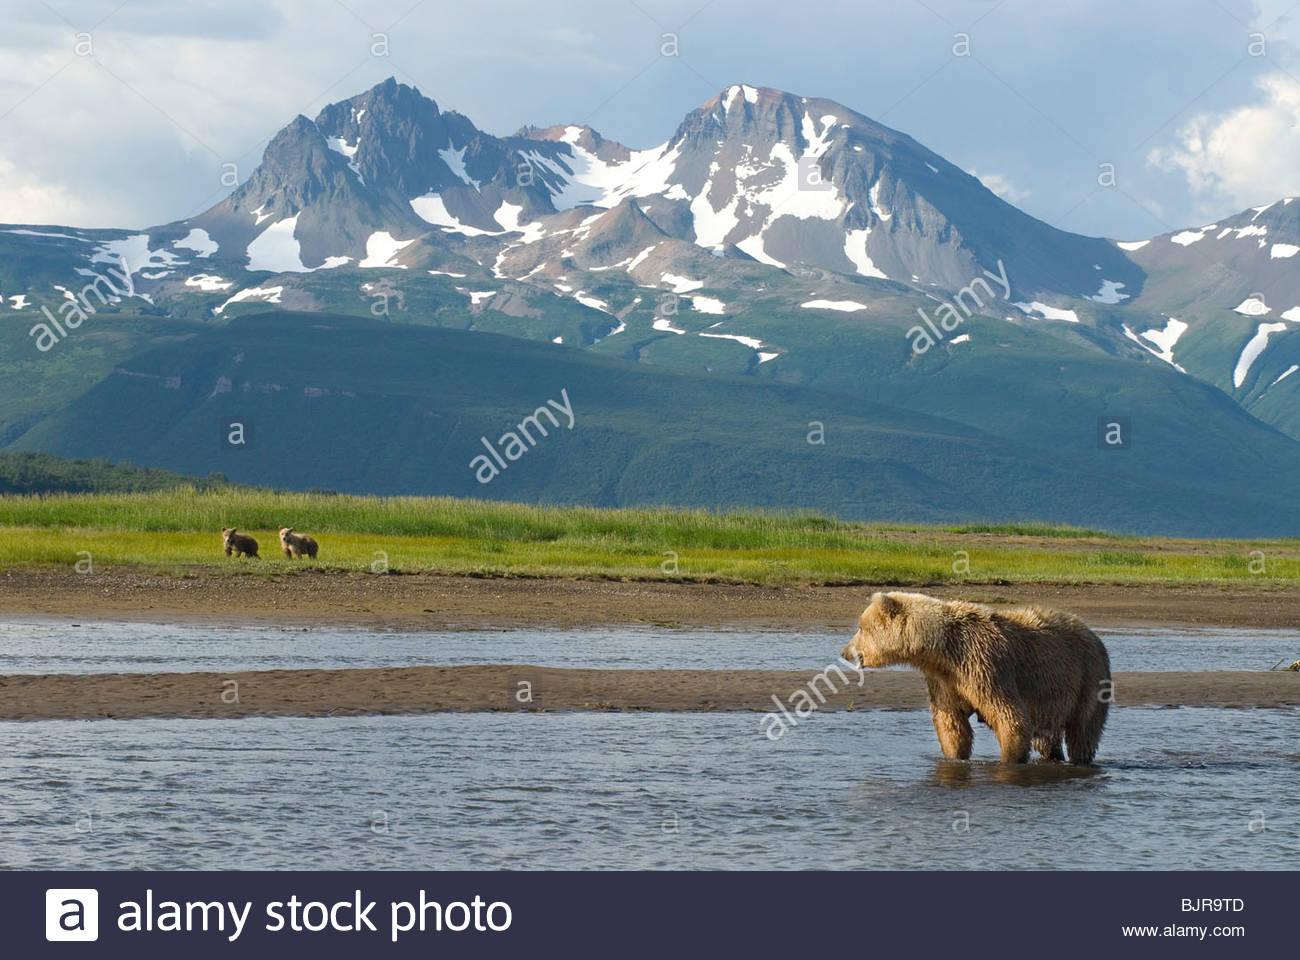 Alaskan Brown Bear sow and cubs, Ursus middendorffi, fishing for salmon along river, Katmai National Park, Alaska - Stock Image